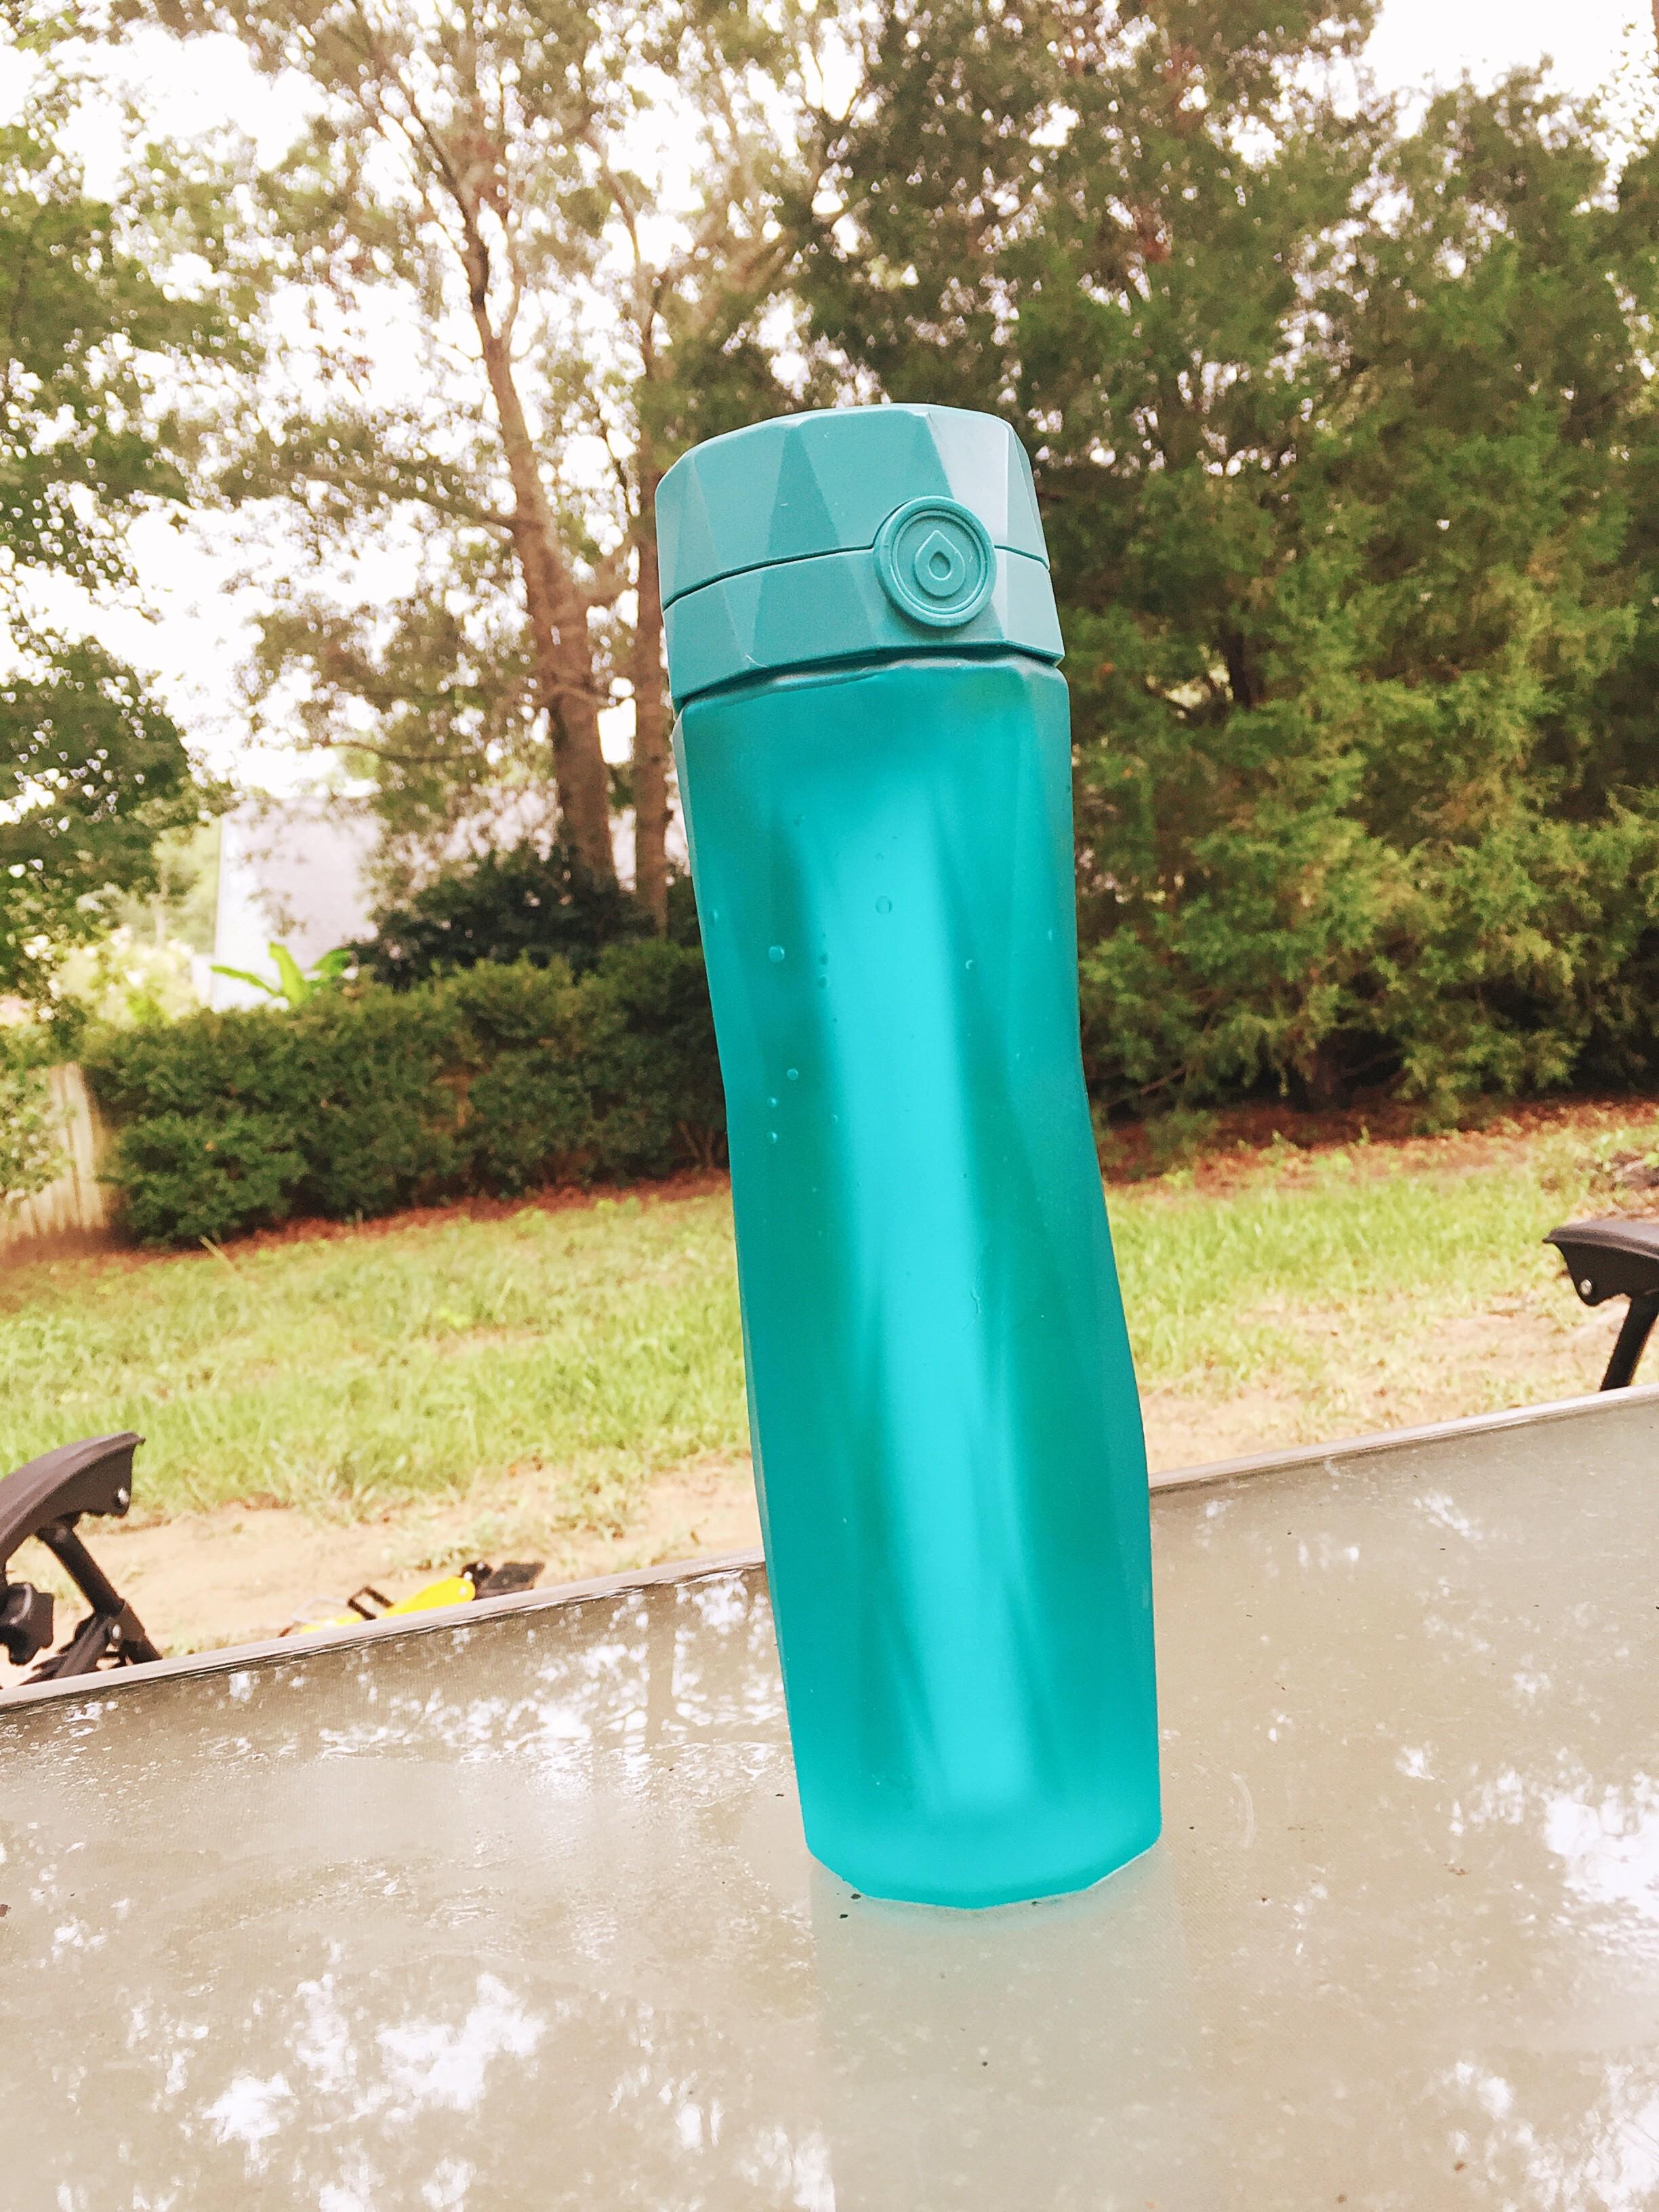 My bossy new water bottle